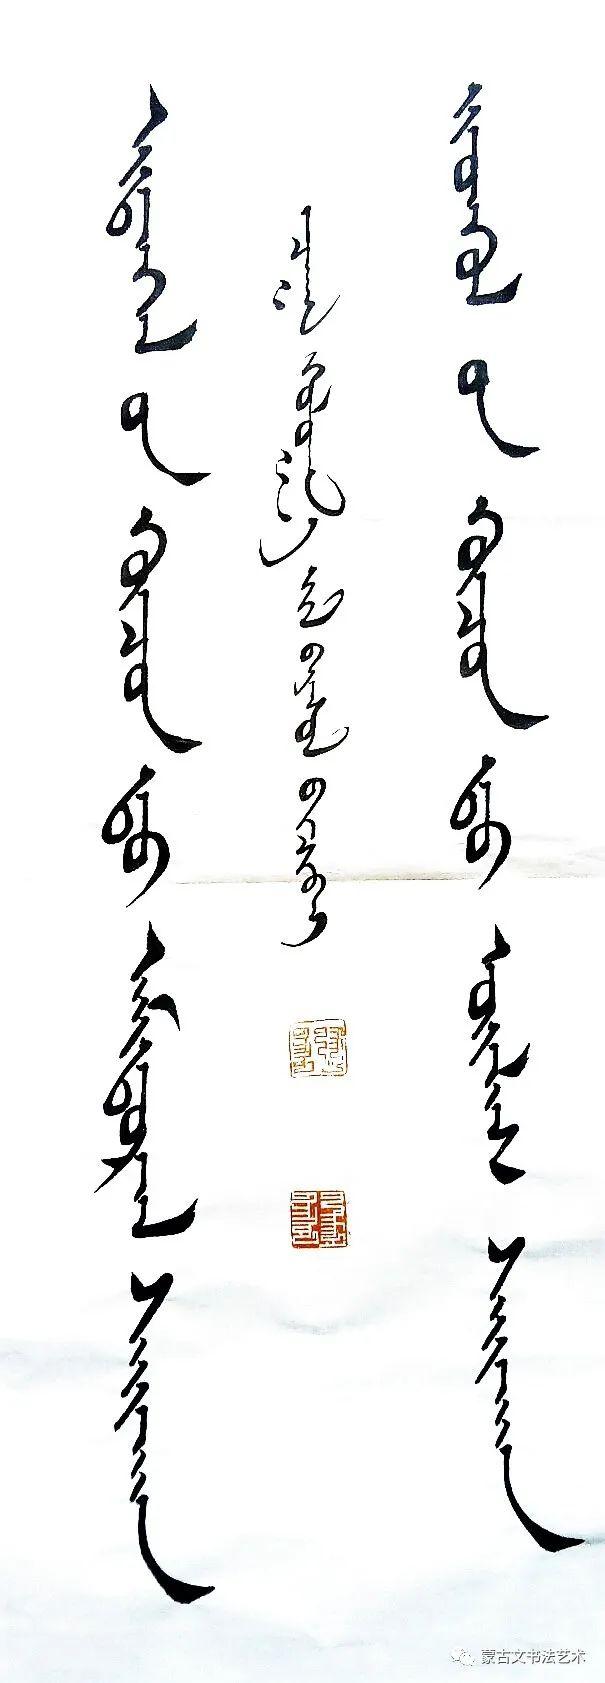 巴亚苏拉蒙古文书法 第14张